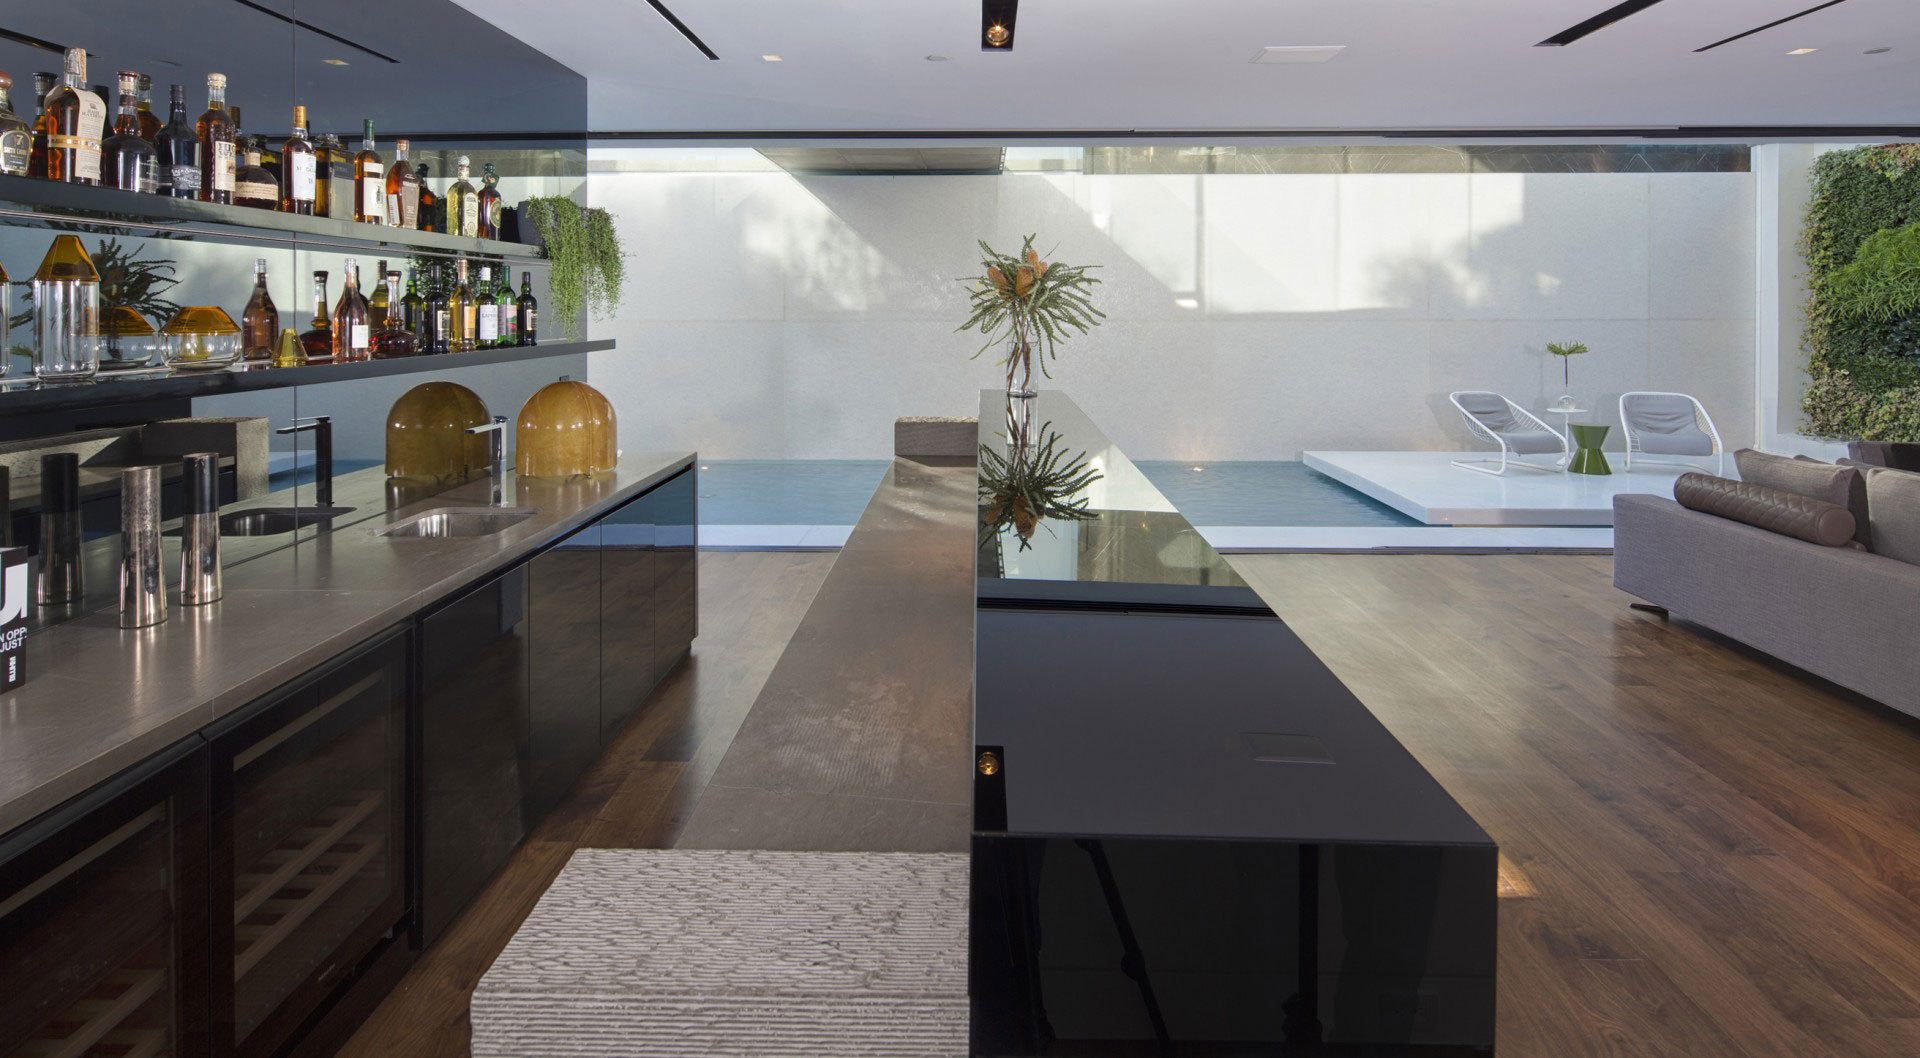 Жить в Голливуде: фотообзор стеклянного дома с видом на Лос-Анджелес